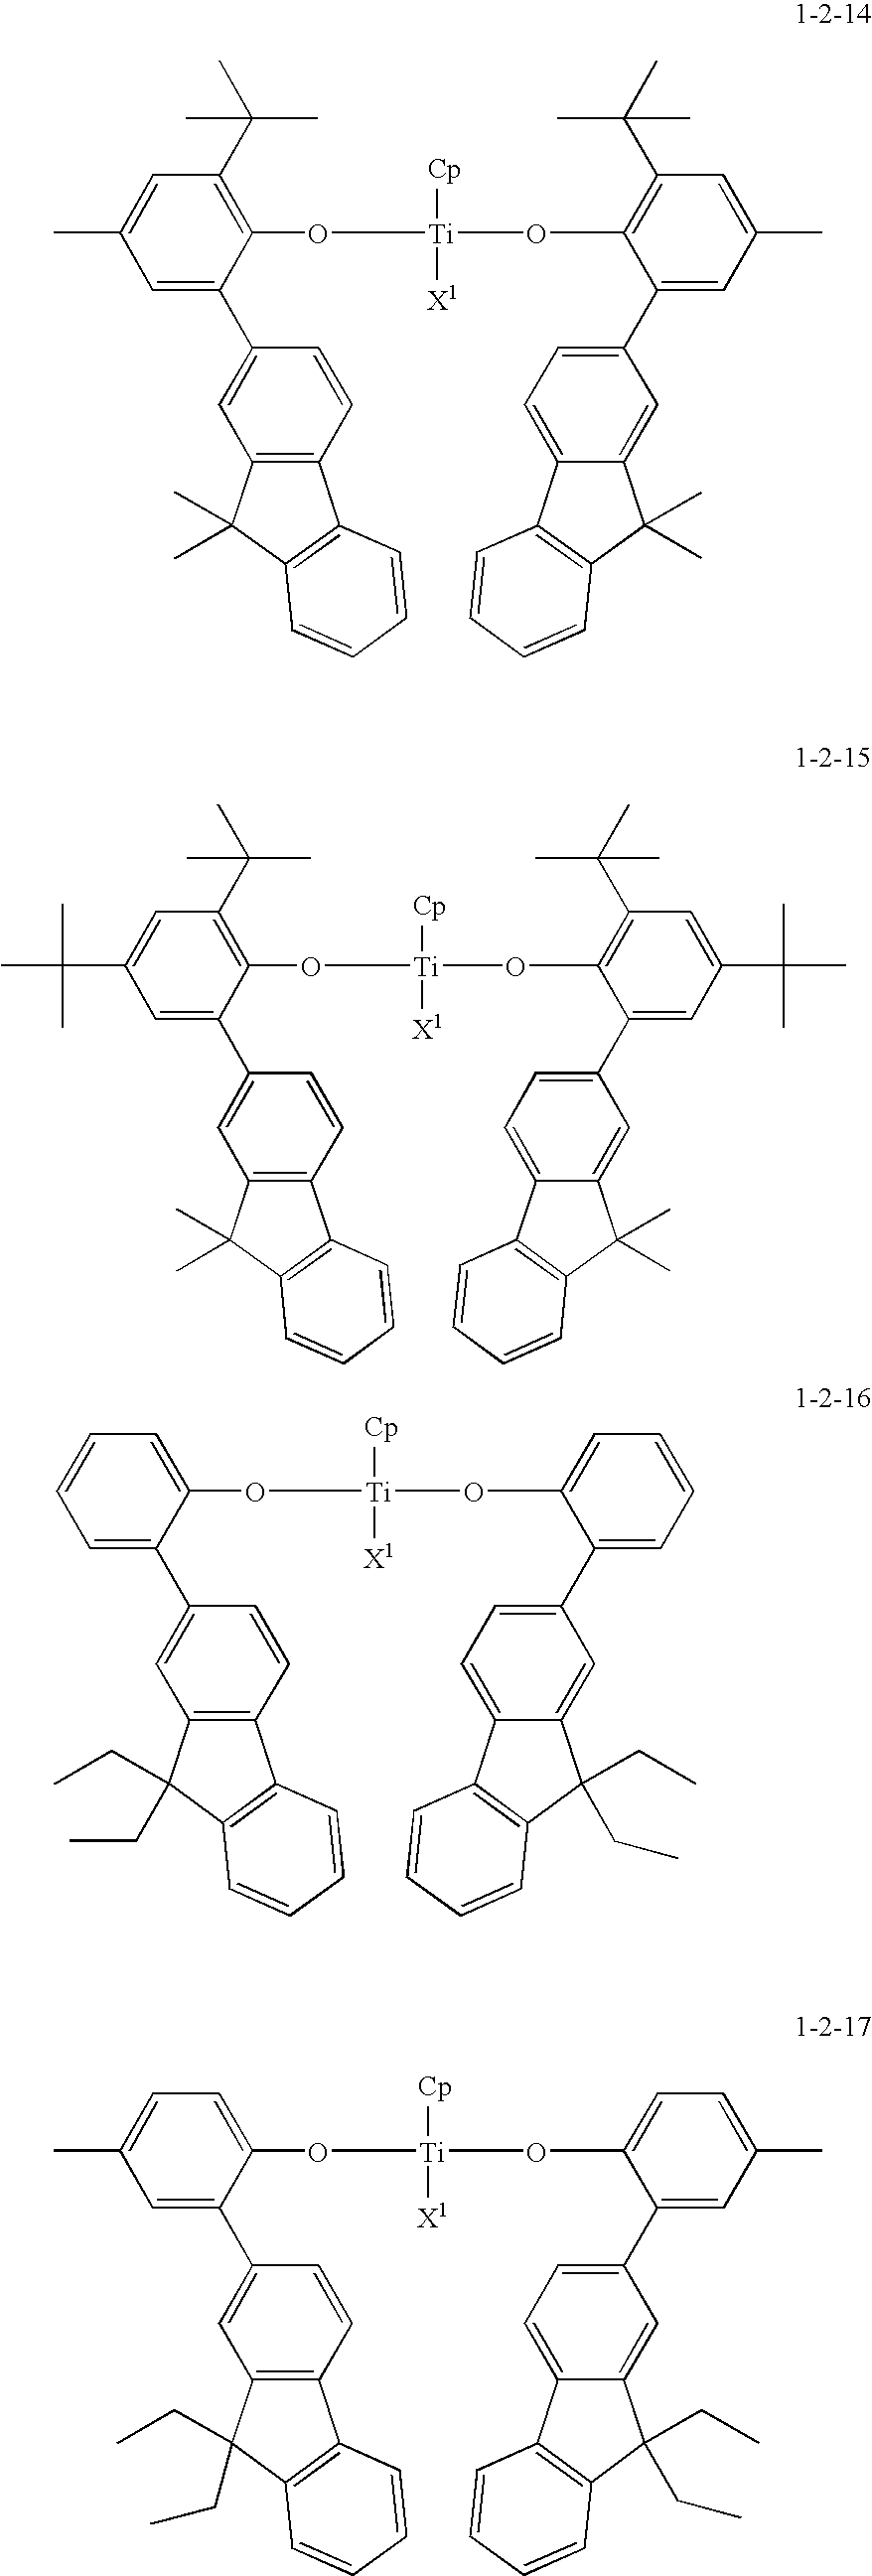 Figure US20100081776A1-20100401-C00037